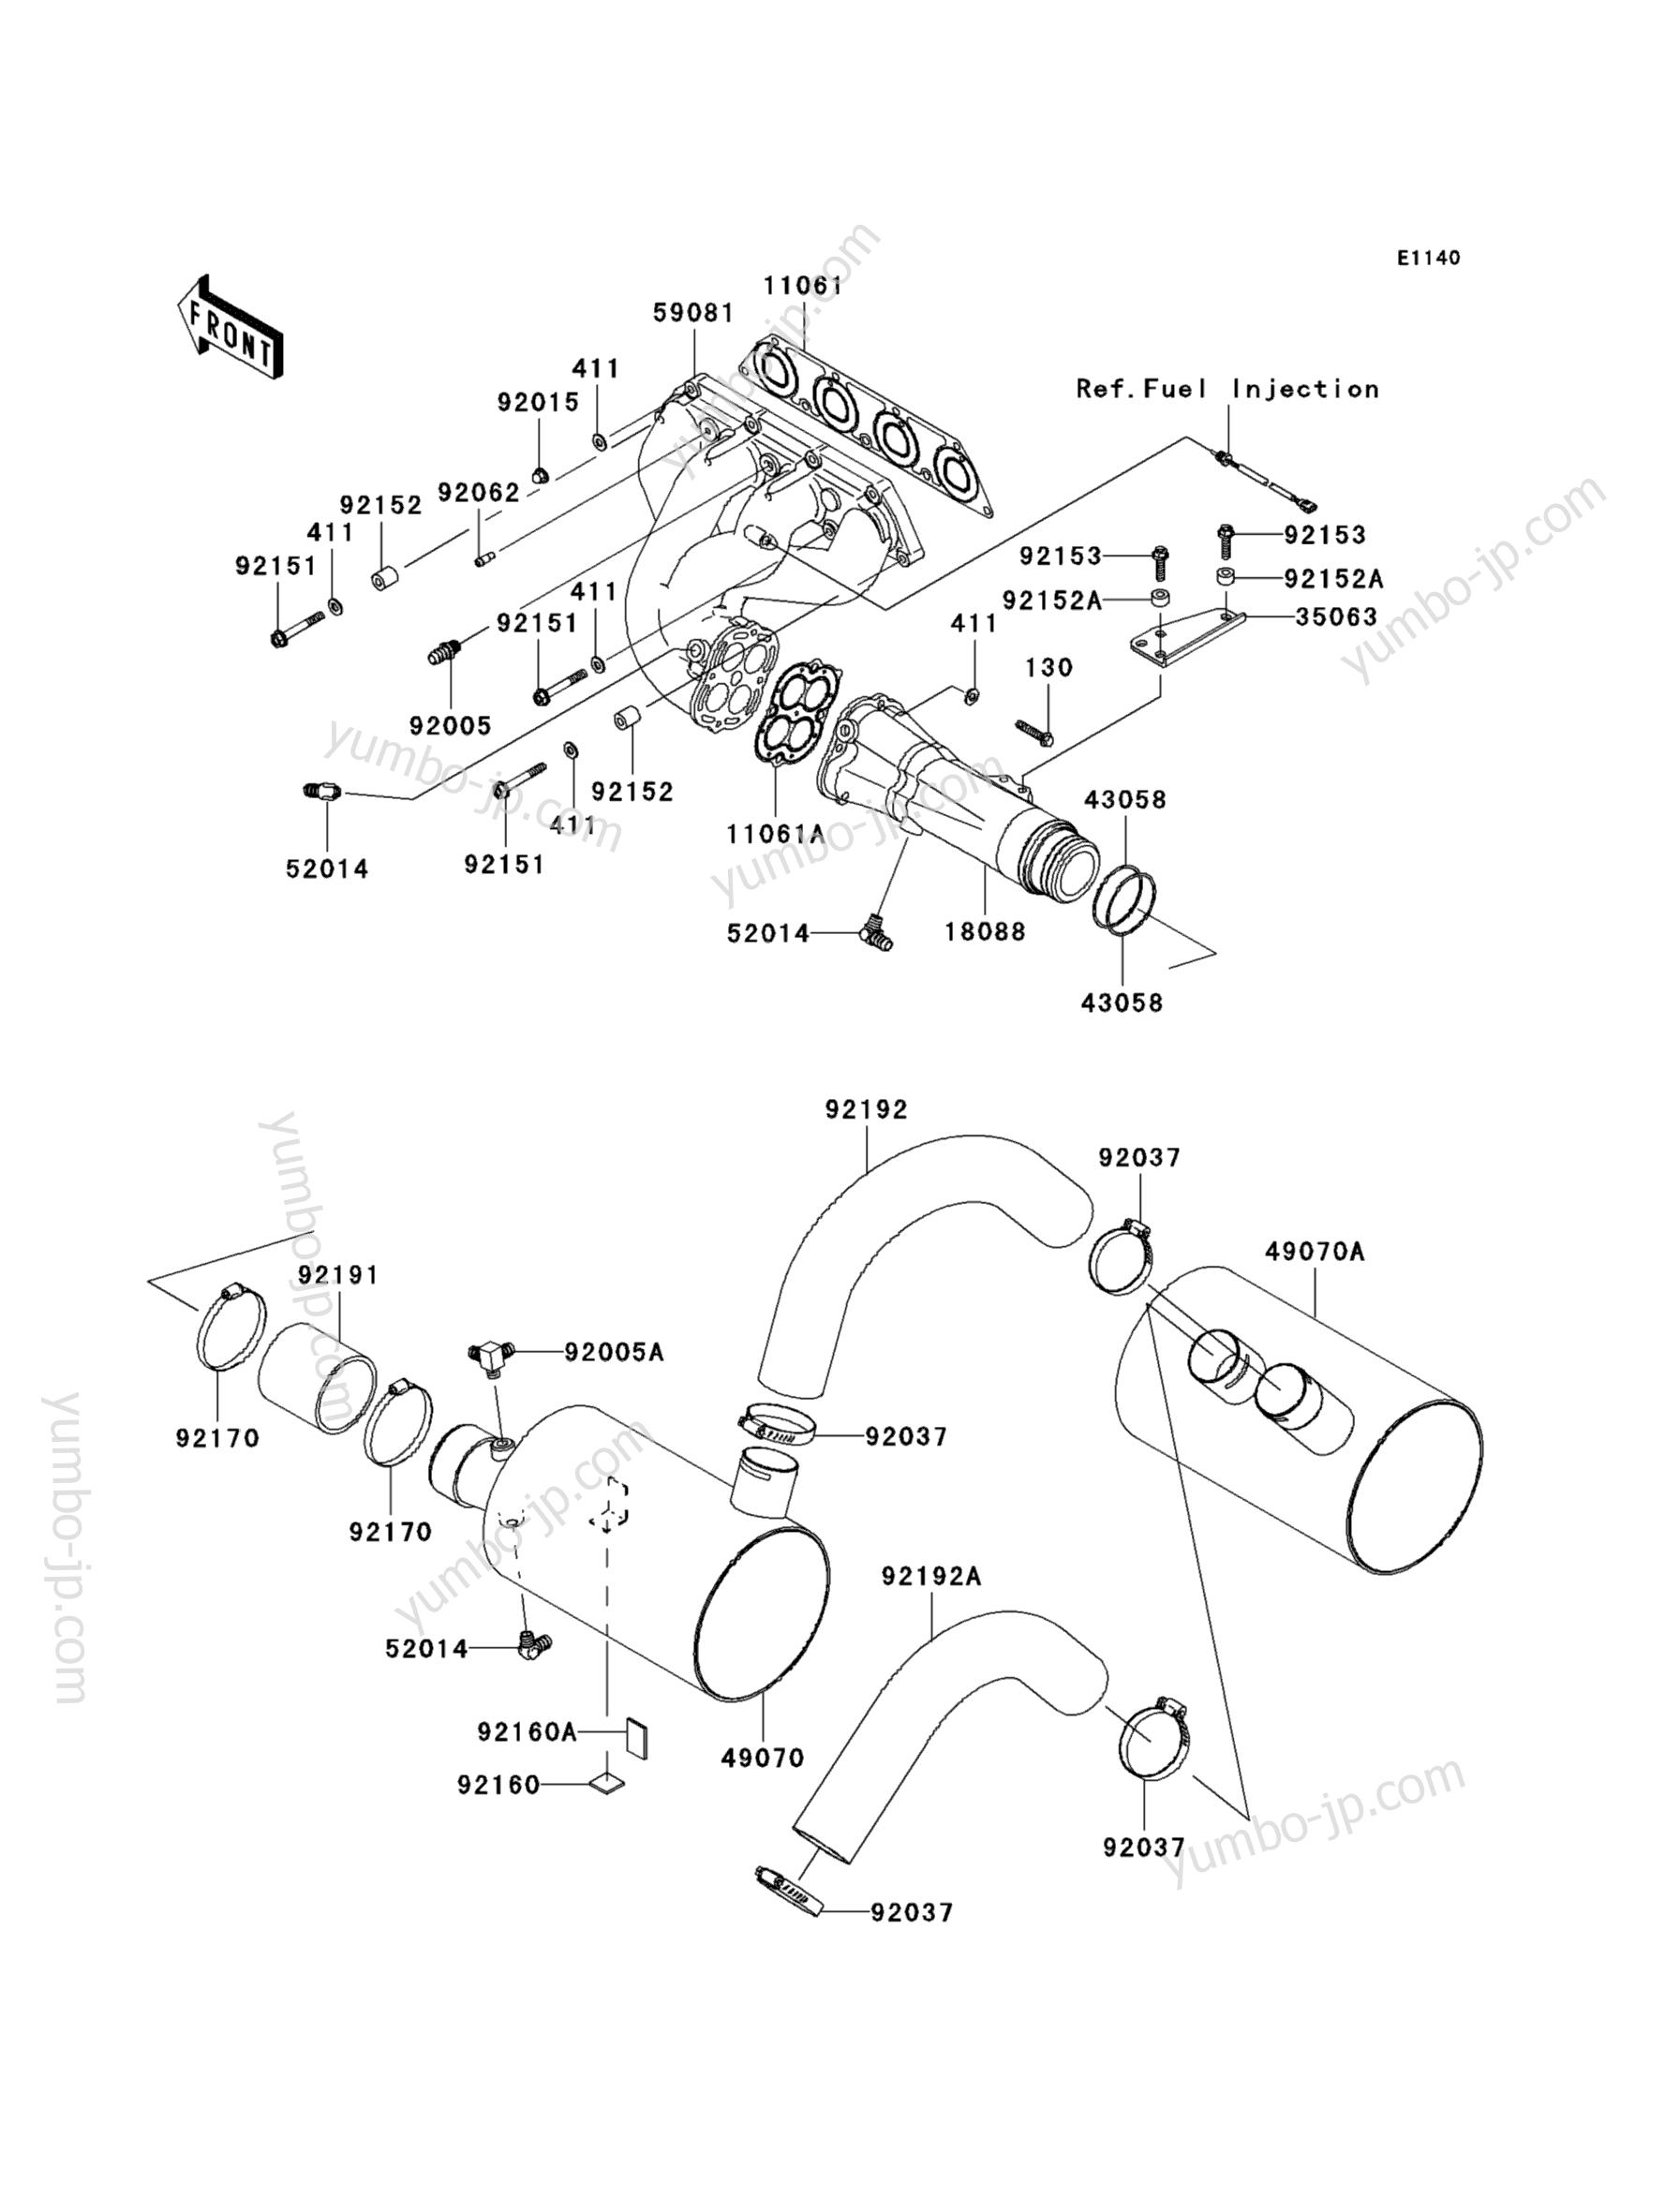 Muffler(s) для гидроциклов KAWASAKI JET SKI ULTRA LX (JT1500C8F) 2008 г.